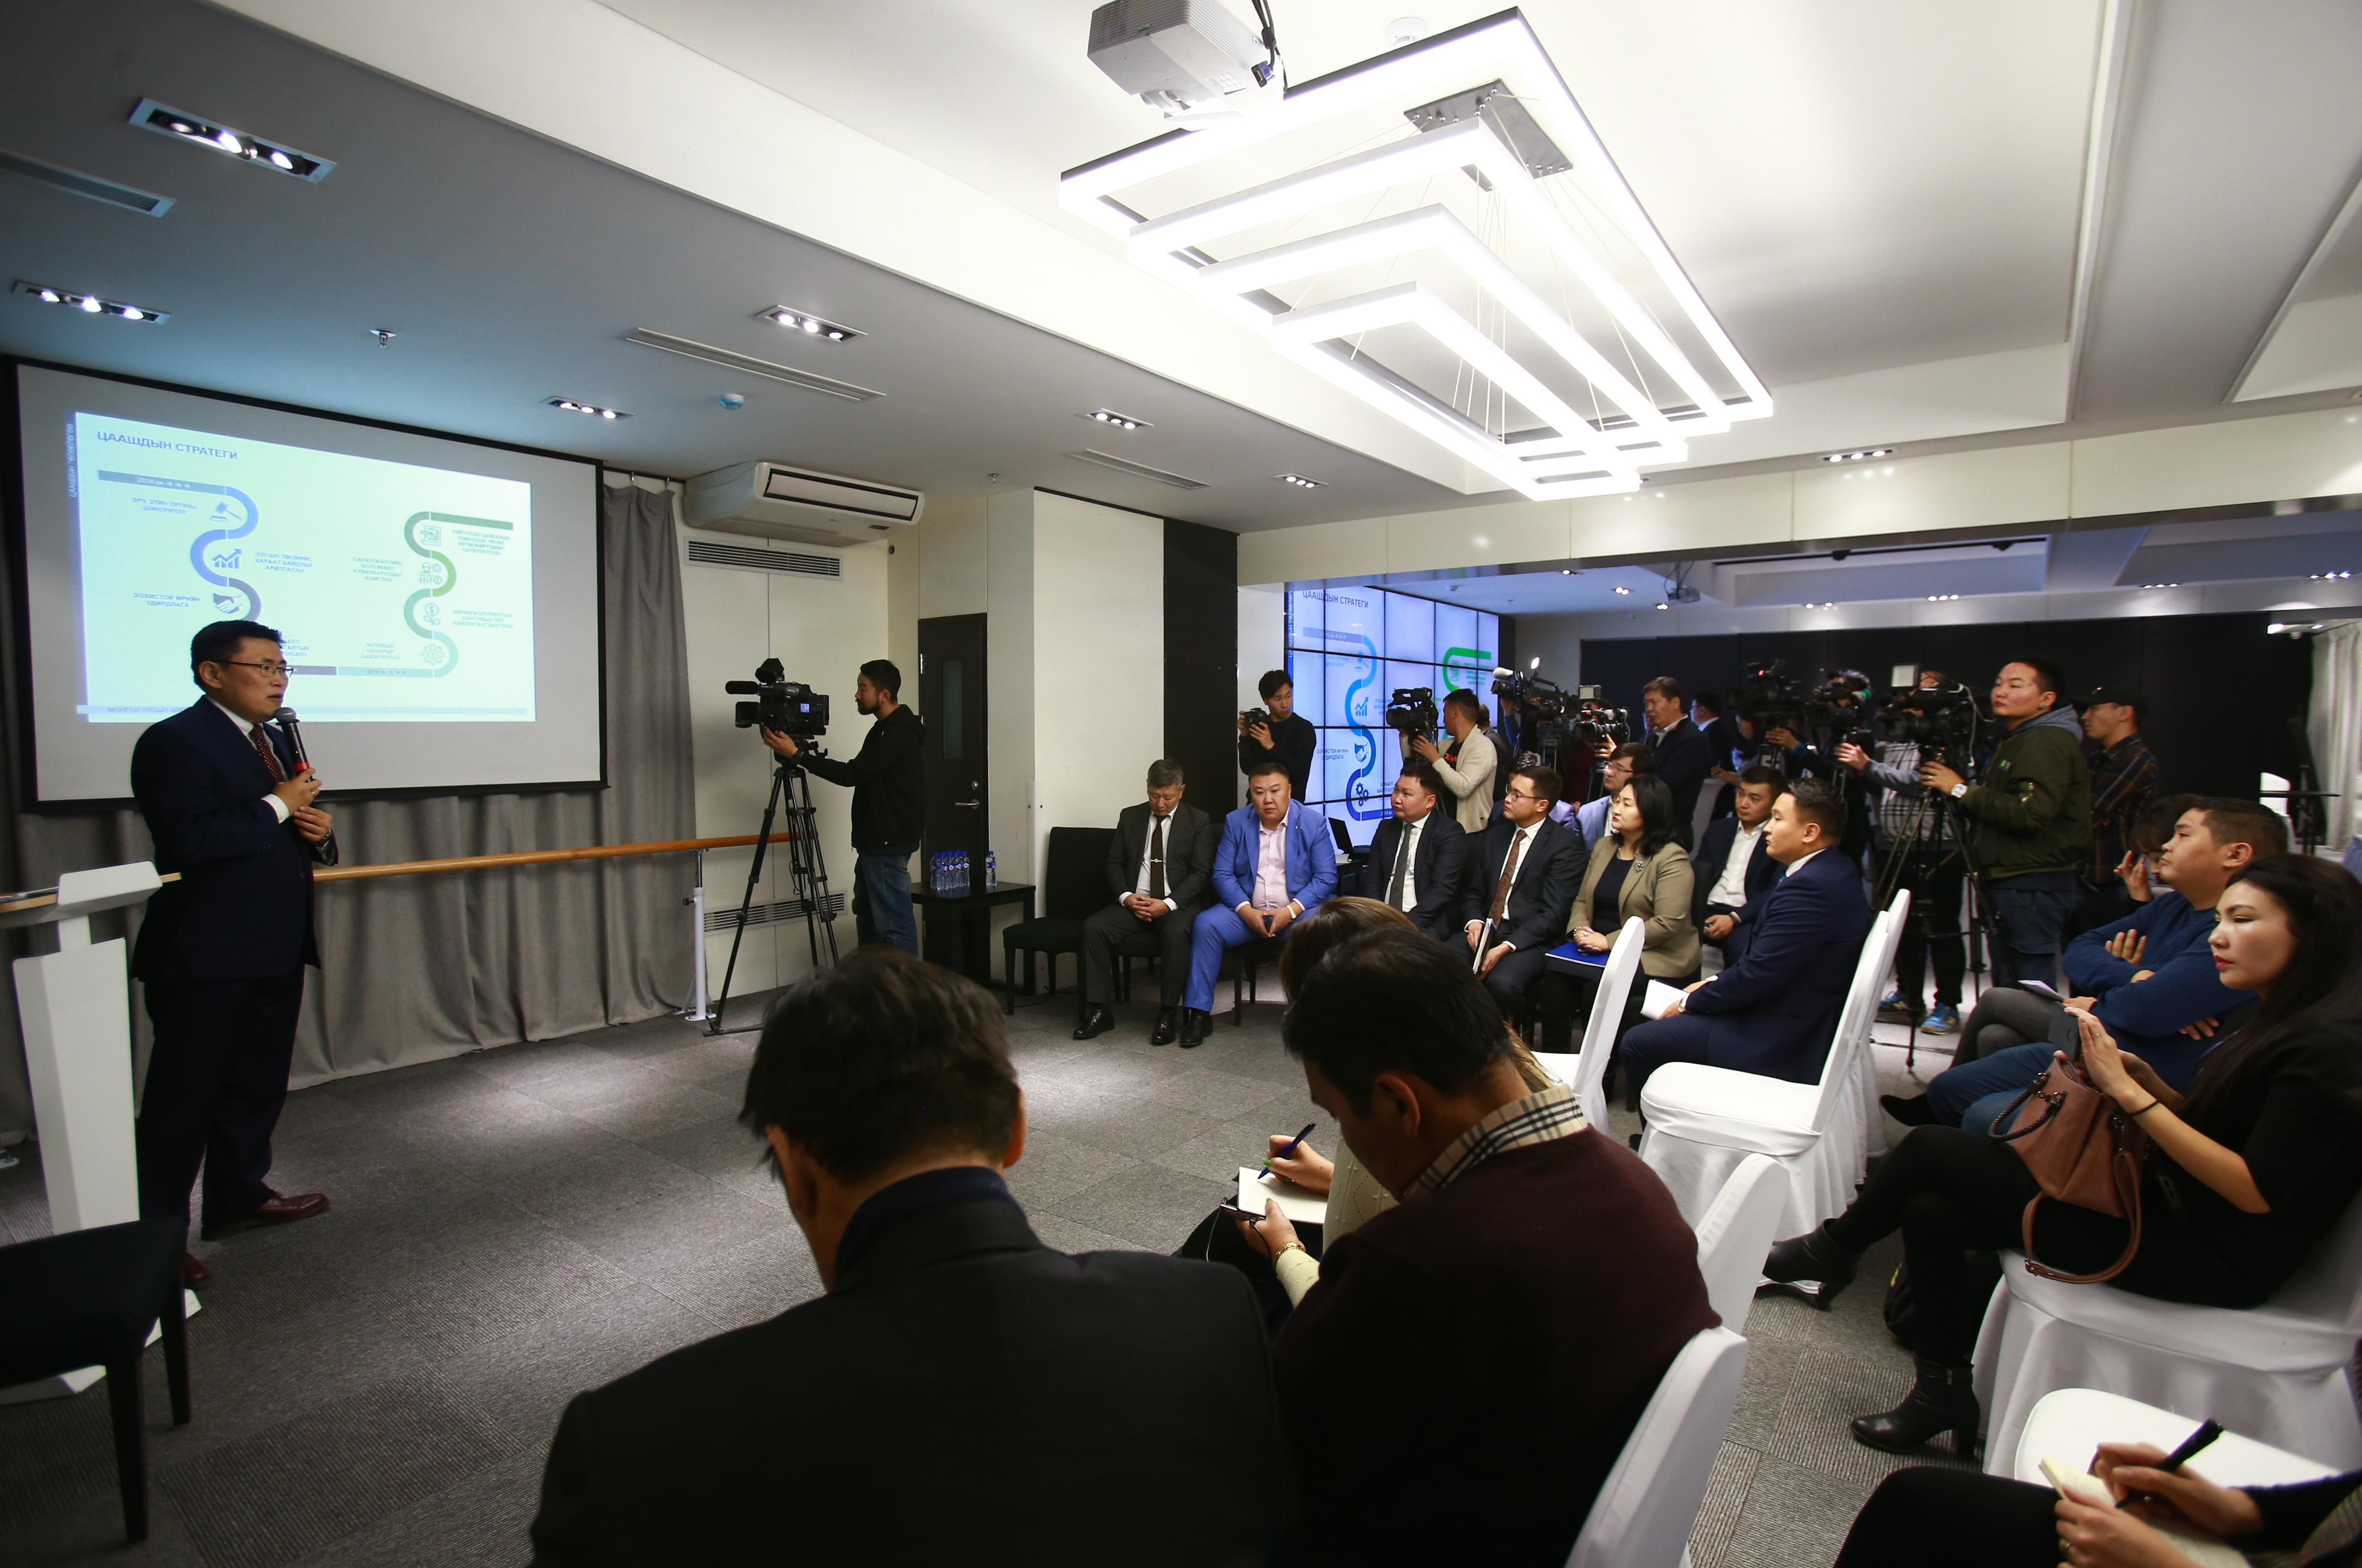 Монгол улсын ХӨГЖЛИЙН БАНК сэтгүүлчидтэй зангиагүй уулзалт зохион байгууллаа